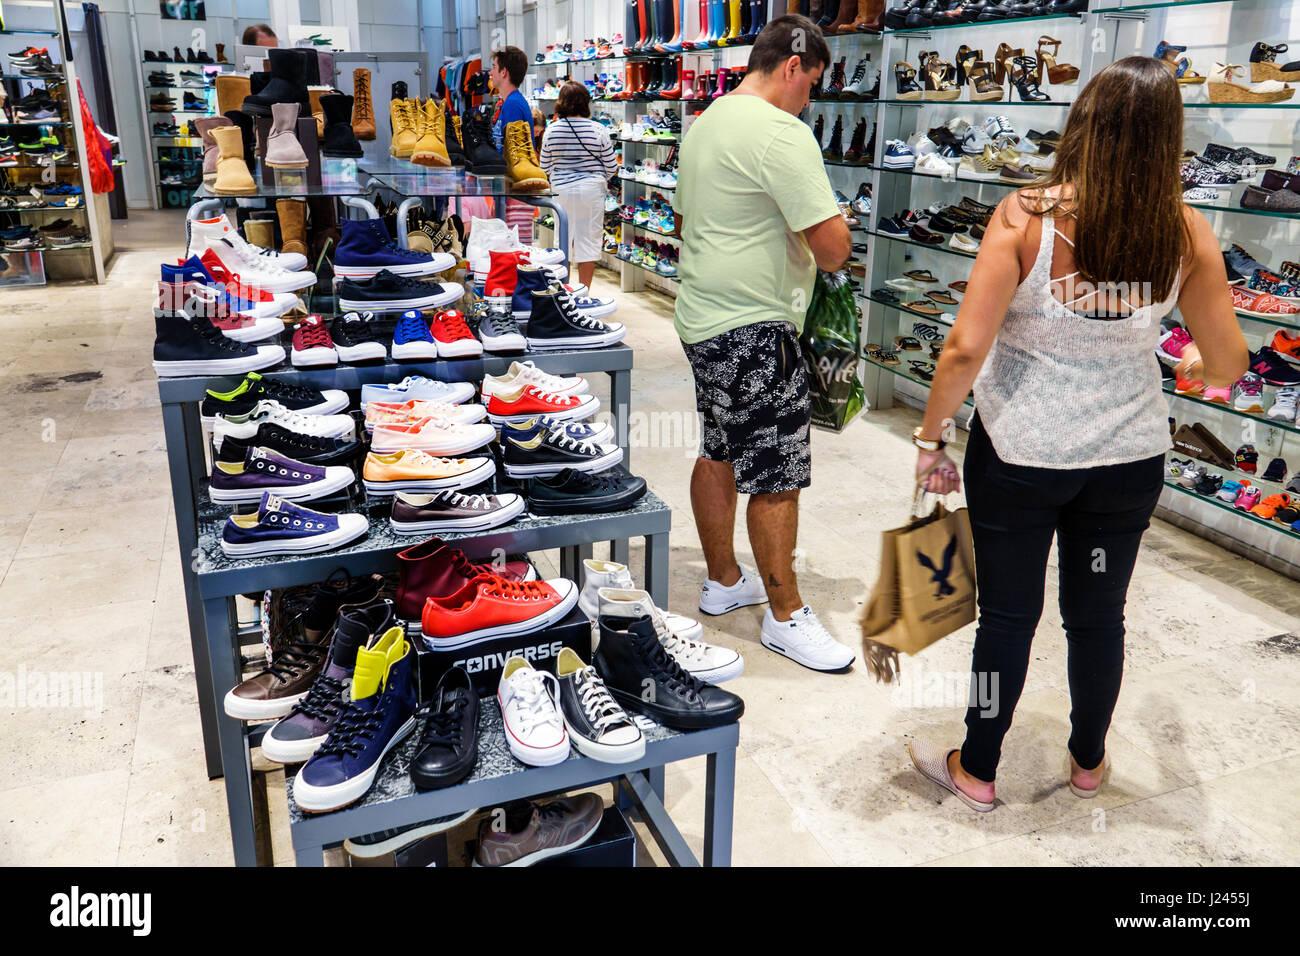 c0535bb50de77 Miami Beach Florida Lincoln Road store shopping scarpe display retail  interior sneakers scarpe da ginnastica Converse Lifestyle brand ispanico  uomo donna ...